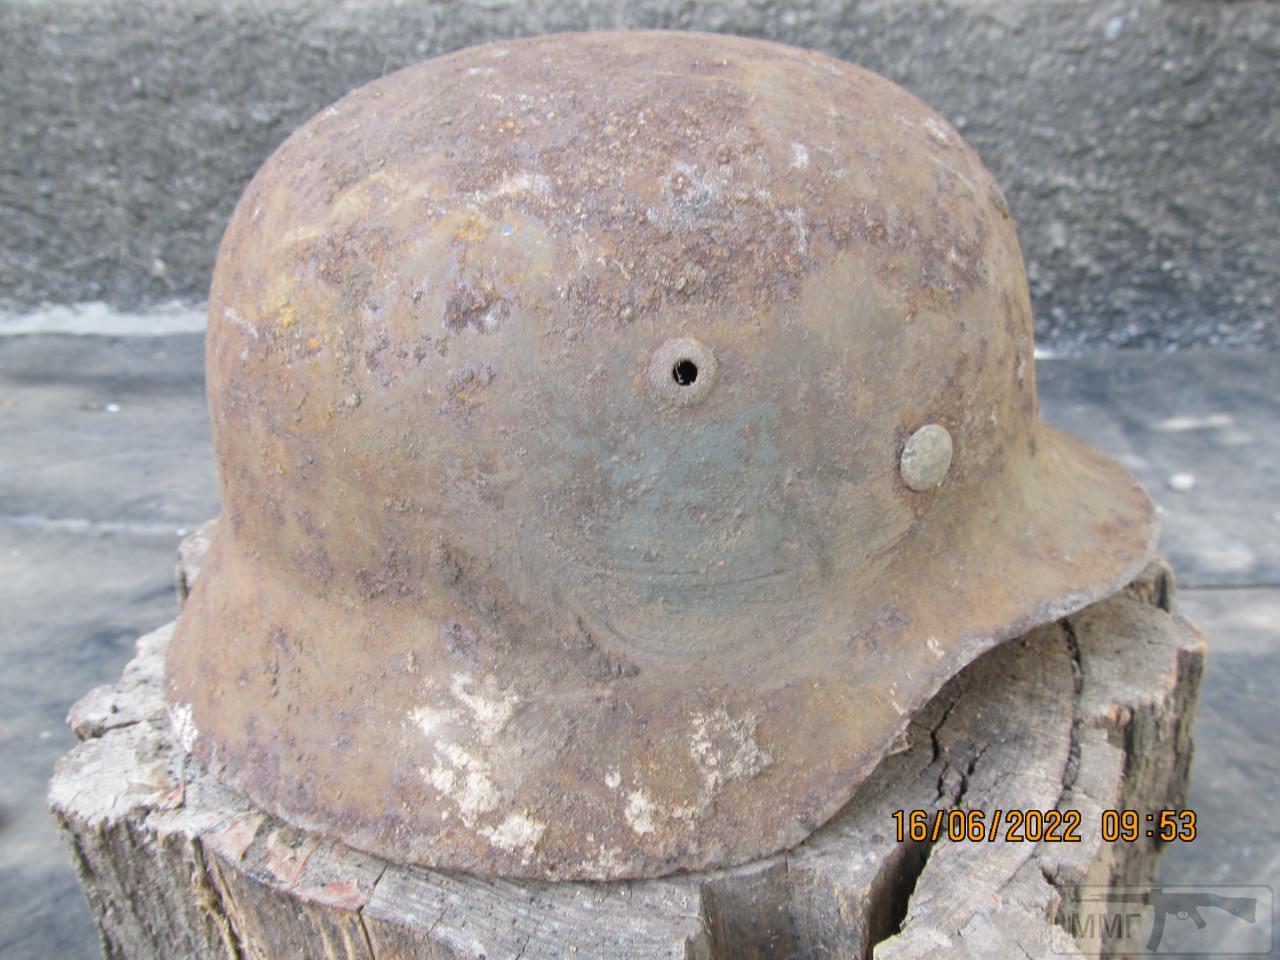 112424 - Реанімація залізної шапки вермахта М35